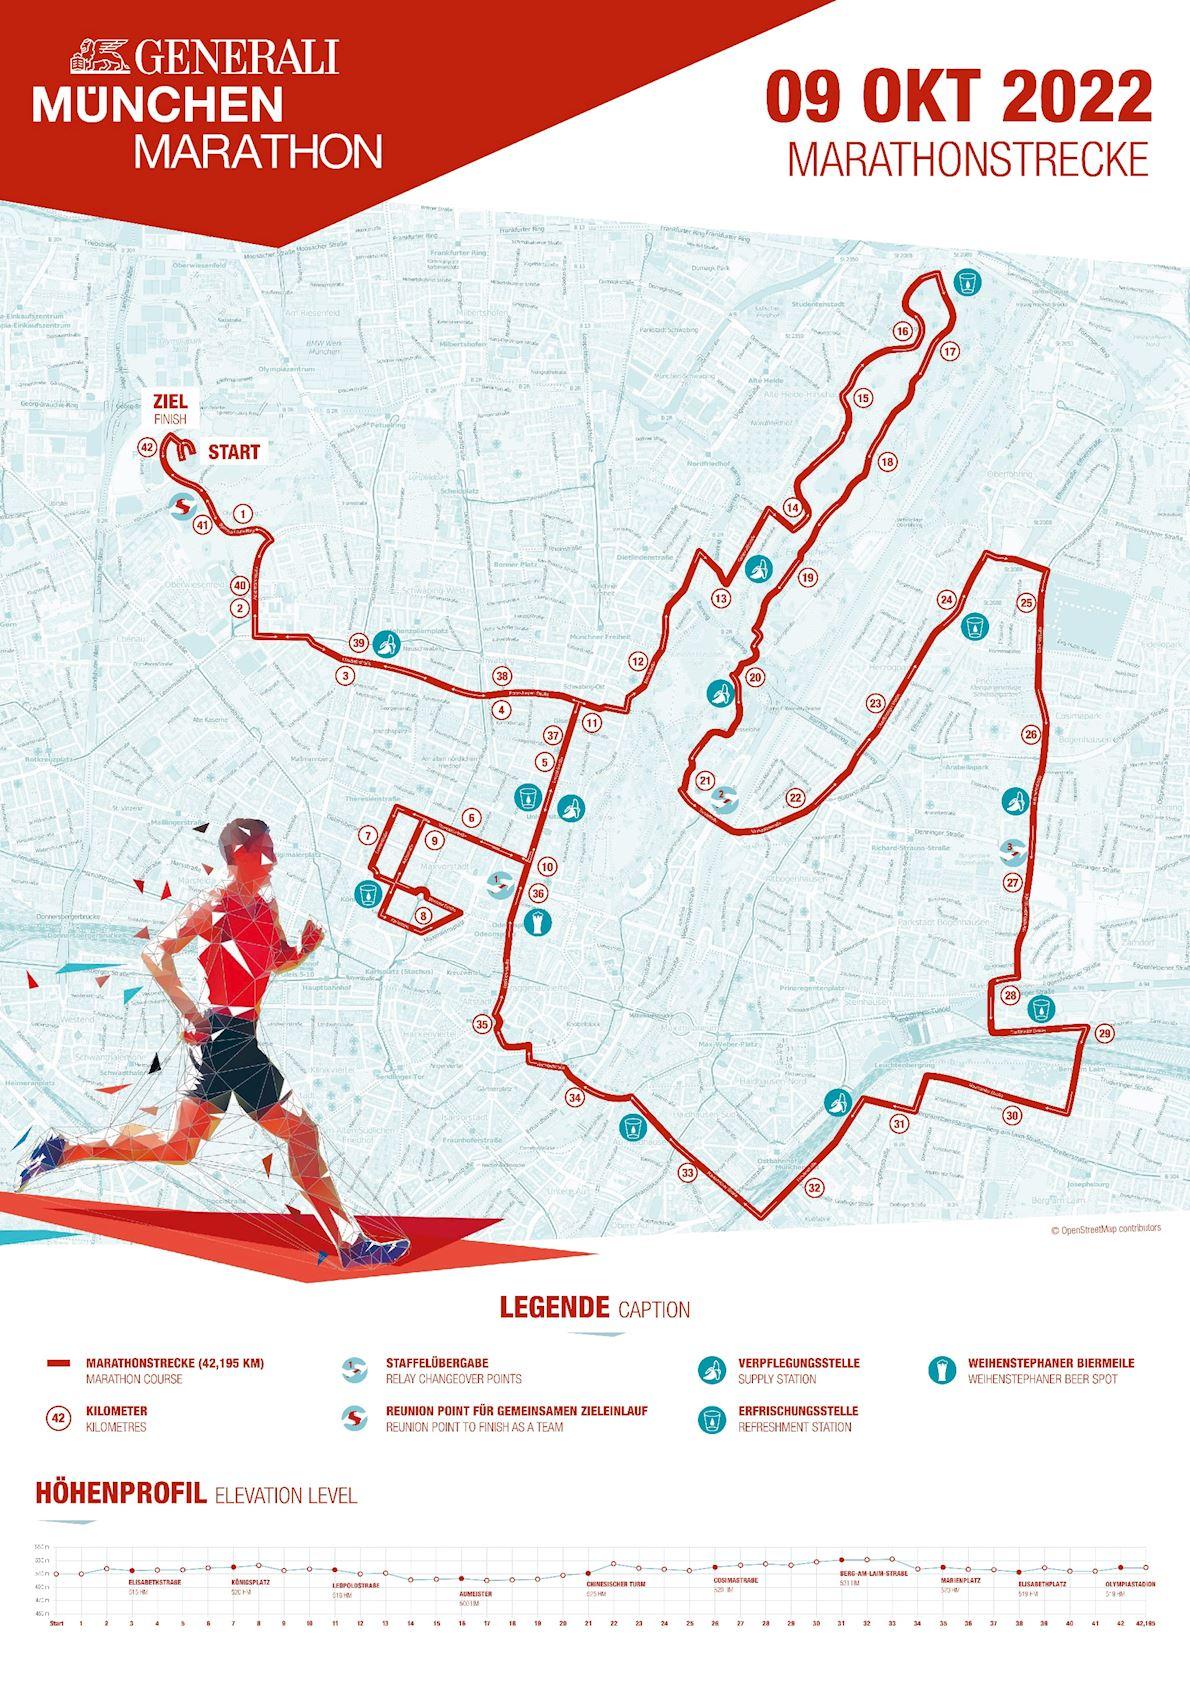 Generali München Marathon 路线图